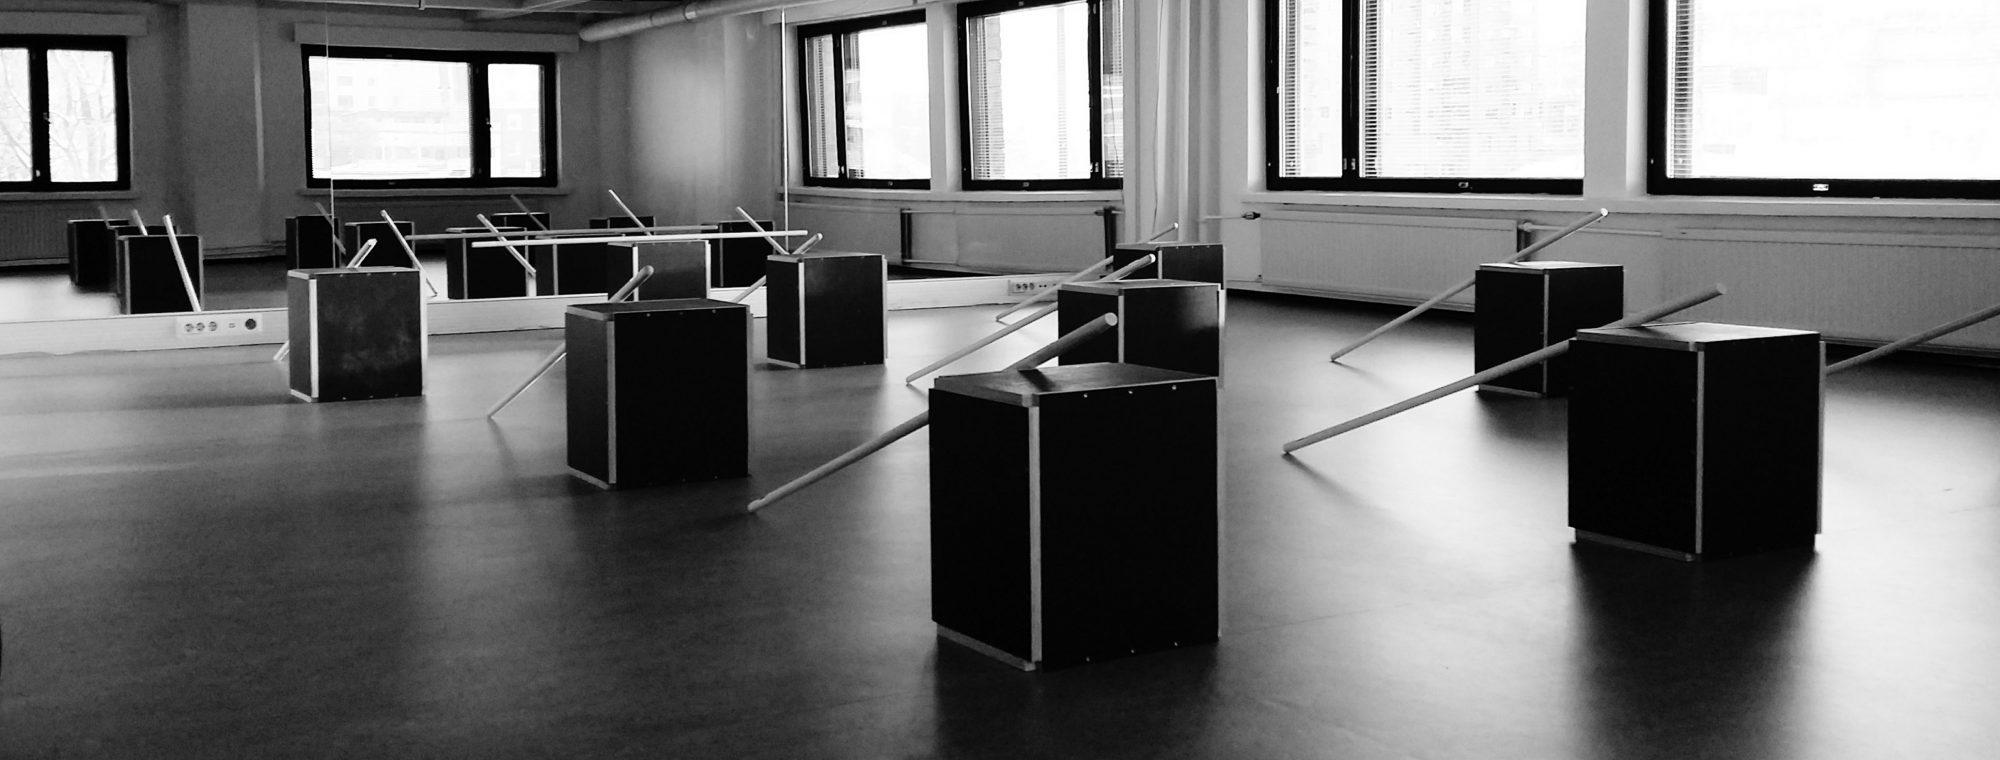 Ryhmäliikunta Tampereen Kehräsaaressa (Fysio Workshop), varaa aika! Ajanvaraus ryhmäliikunta, avajaistarjous